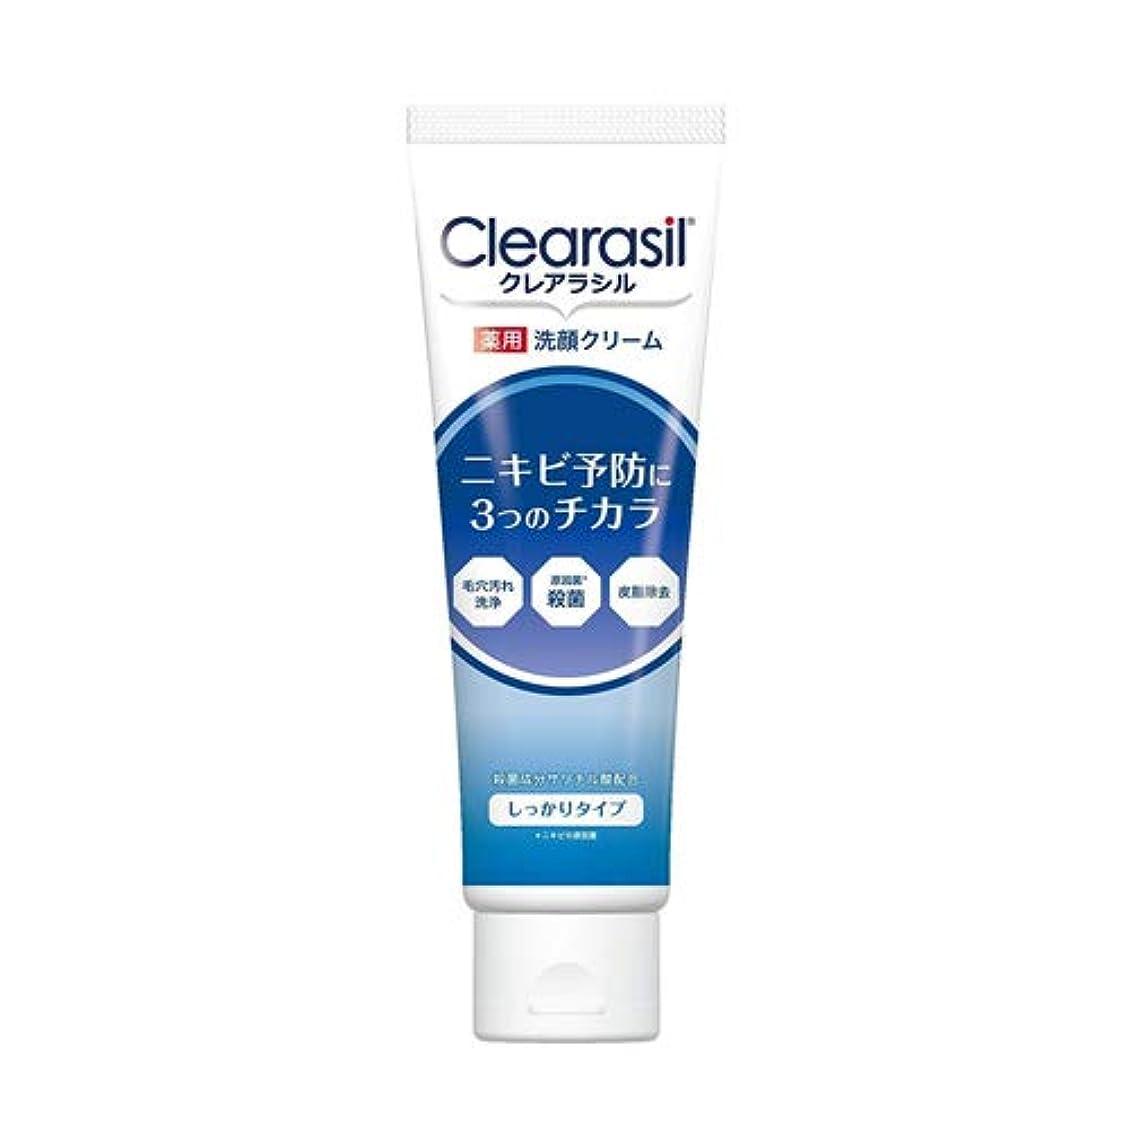 クロニクル歯交差点クレアラシル 薬用 洗顔クリーム しっかりタイプ 120g 【医薬部外品】